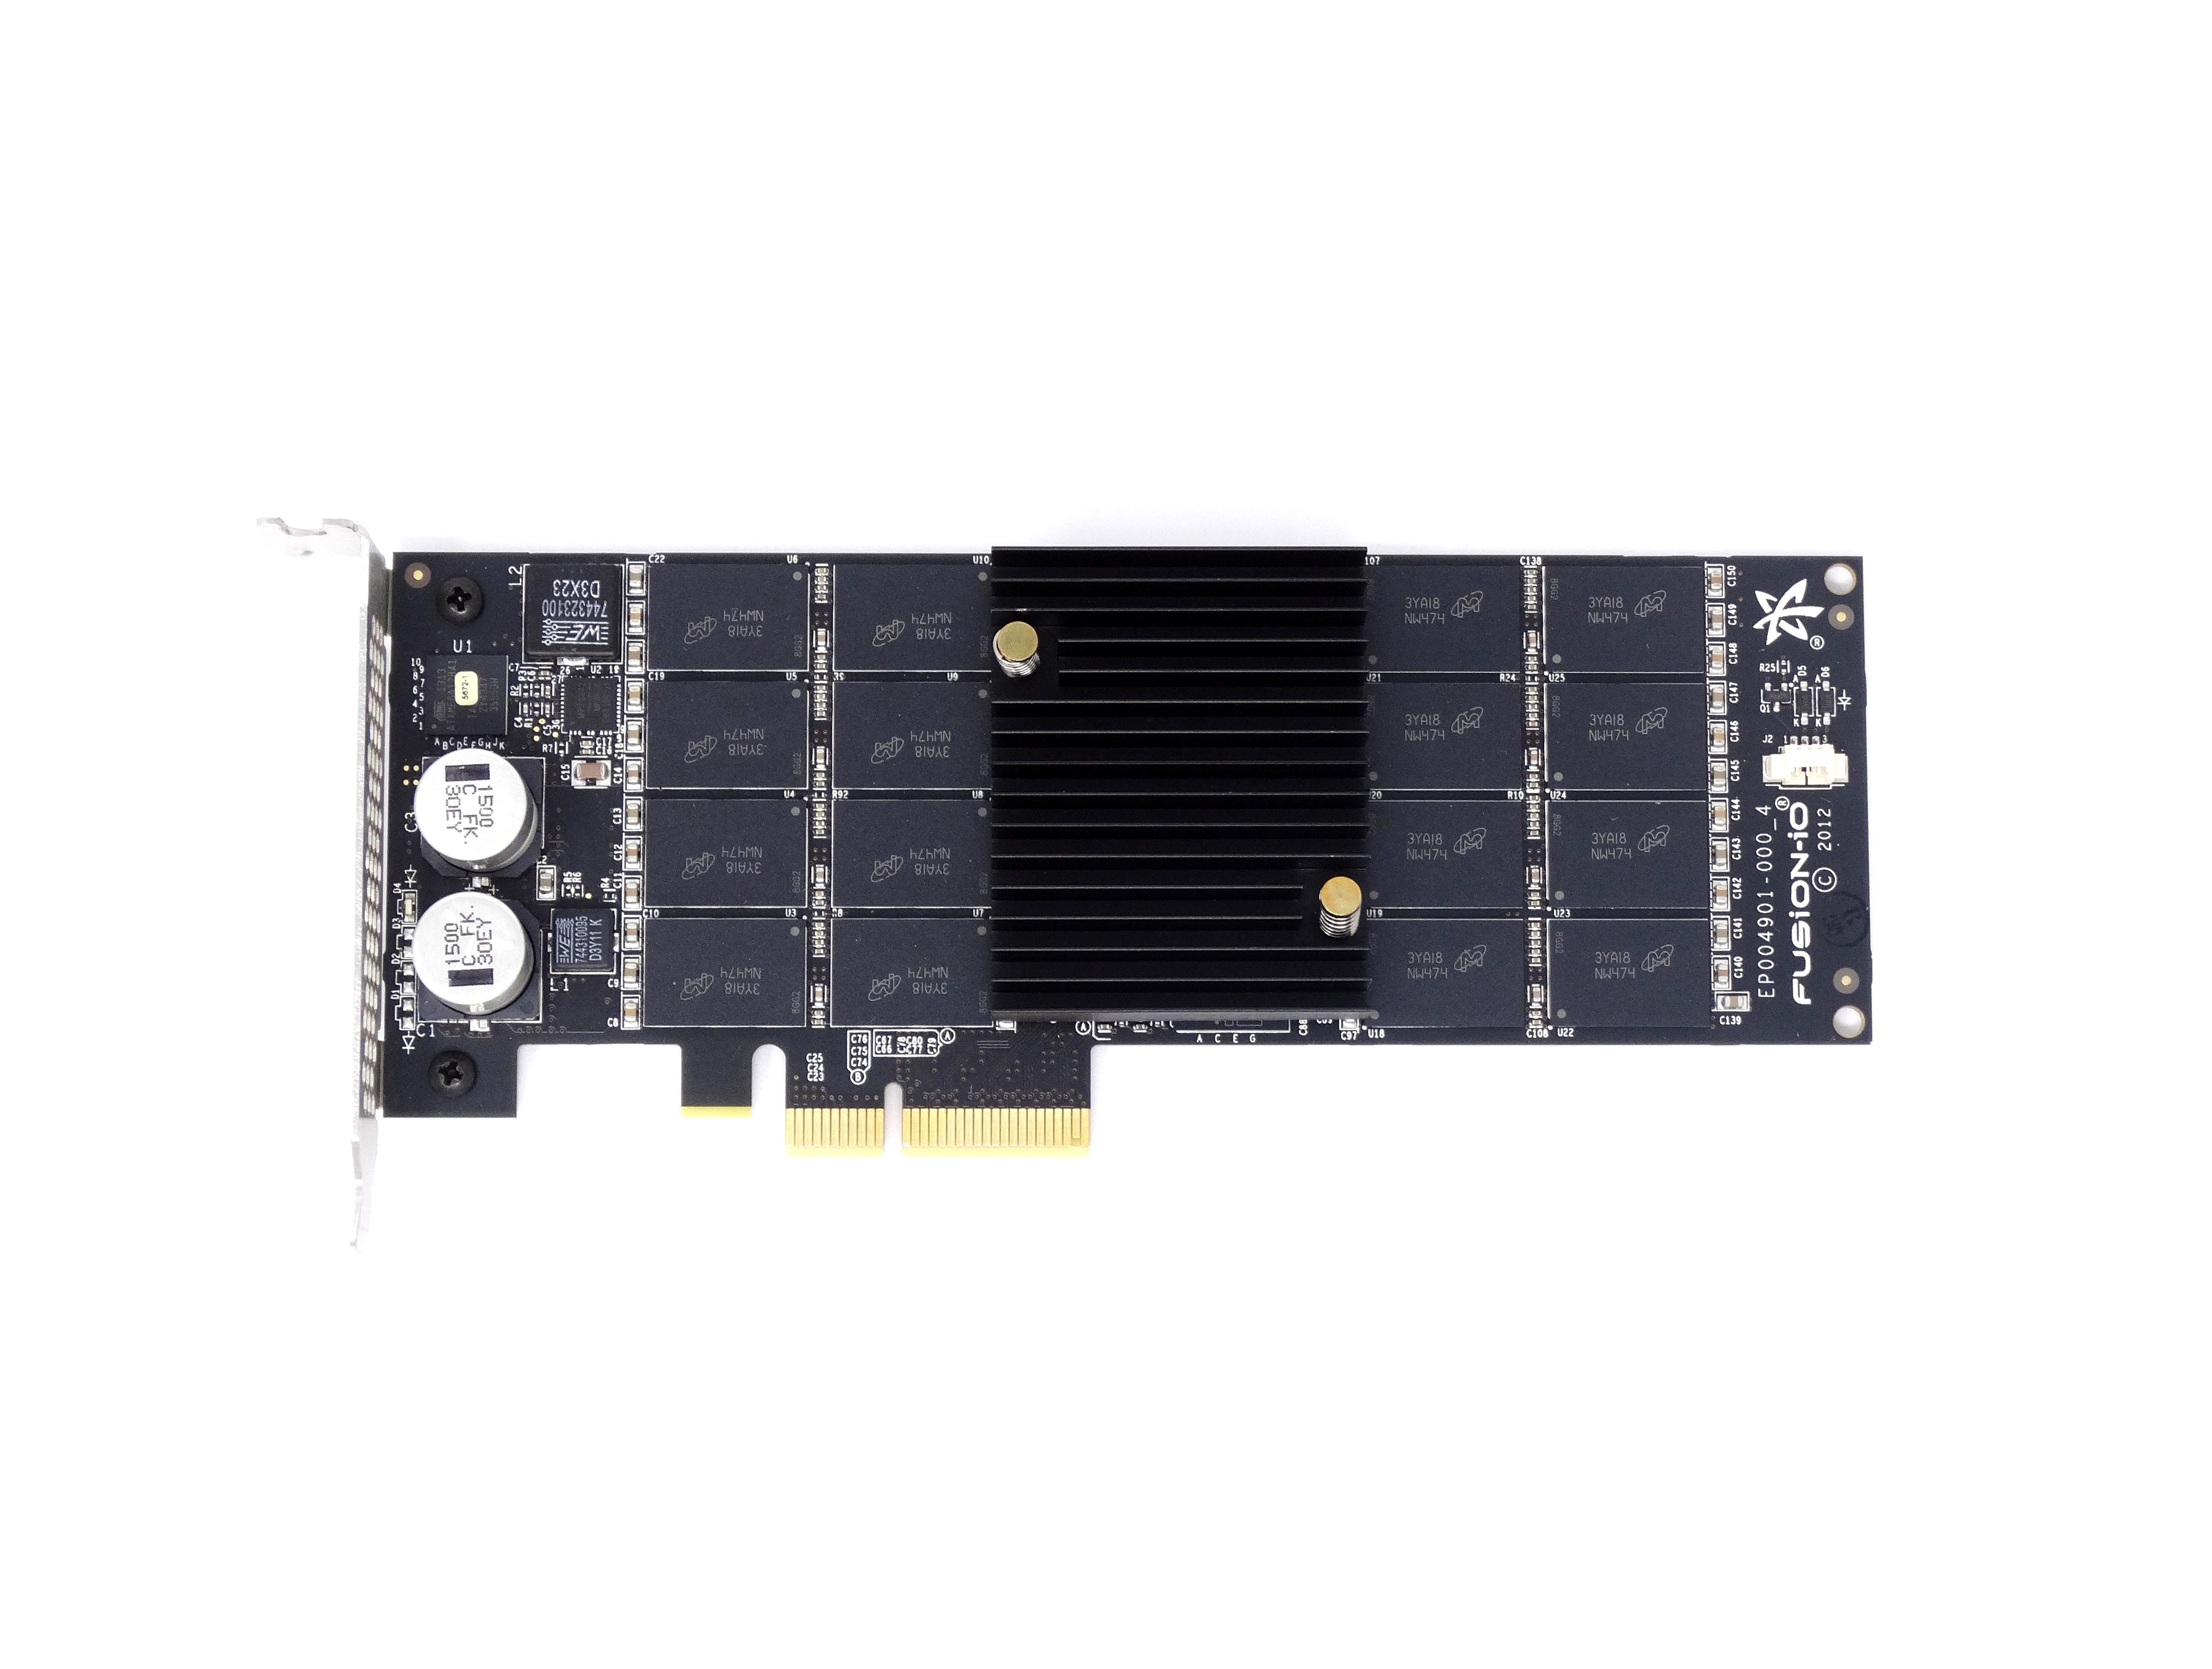 Fusion-Io Ioscale2 1.65TB PCI-E X 4 Solid State Drive SSD (F11-003-1T65-CS-0001)